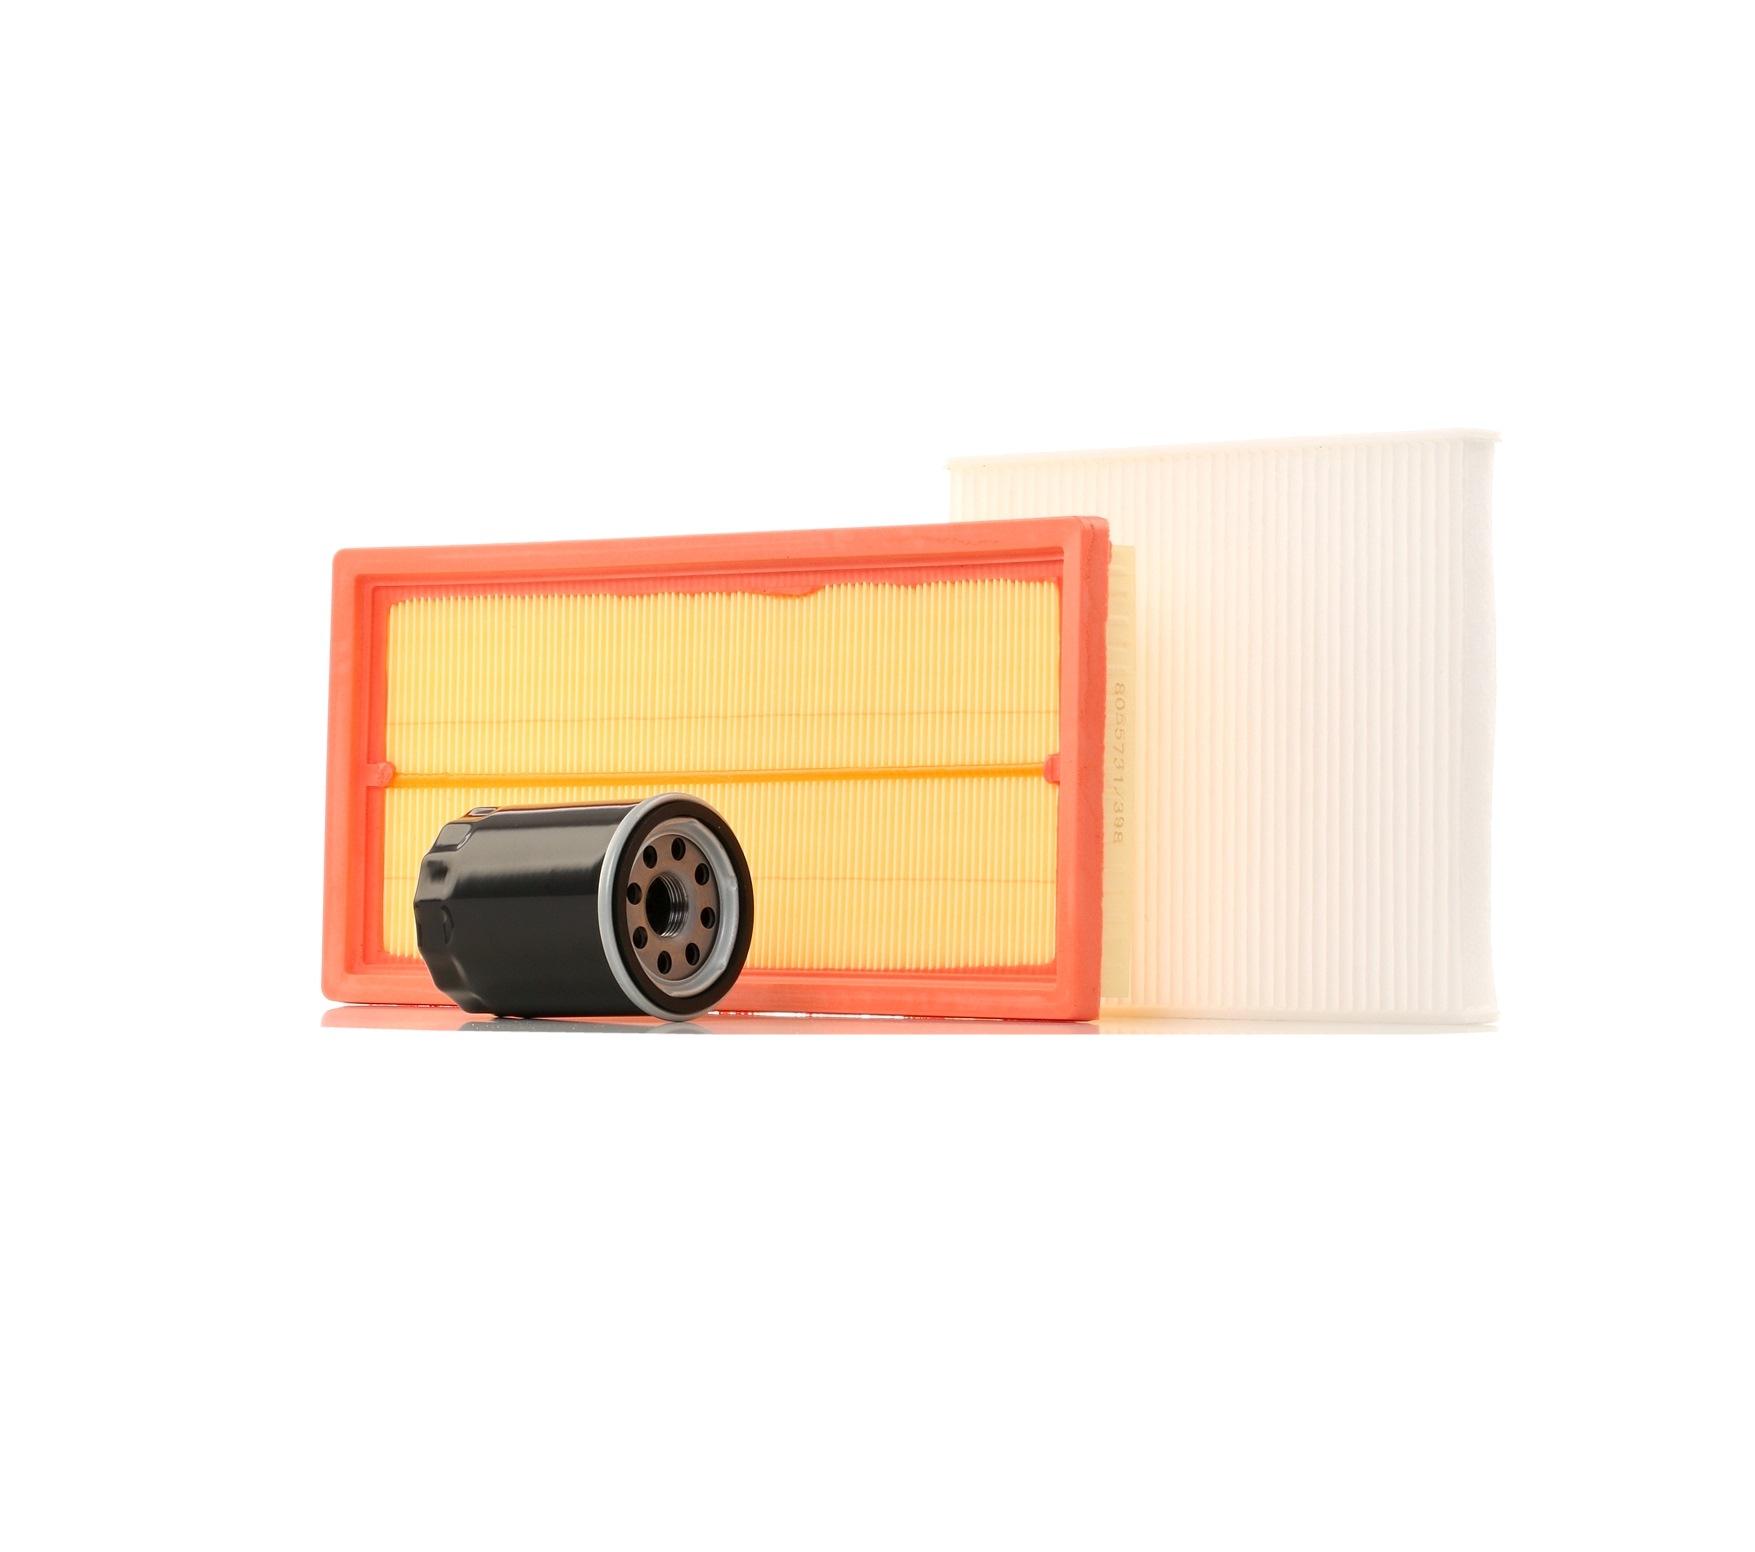 4055F0143 RIDEX mit Luftfilter, ohne Ölablassschraube Filter-Satz 4055F0143 günstig kaufen